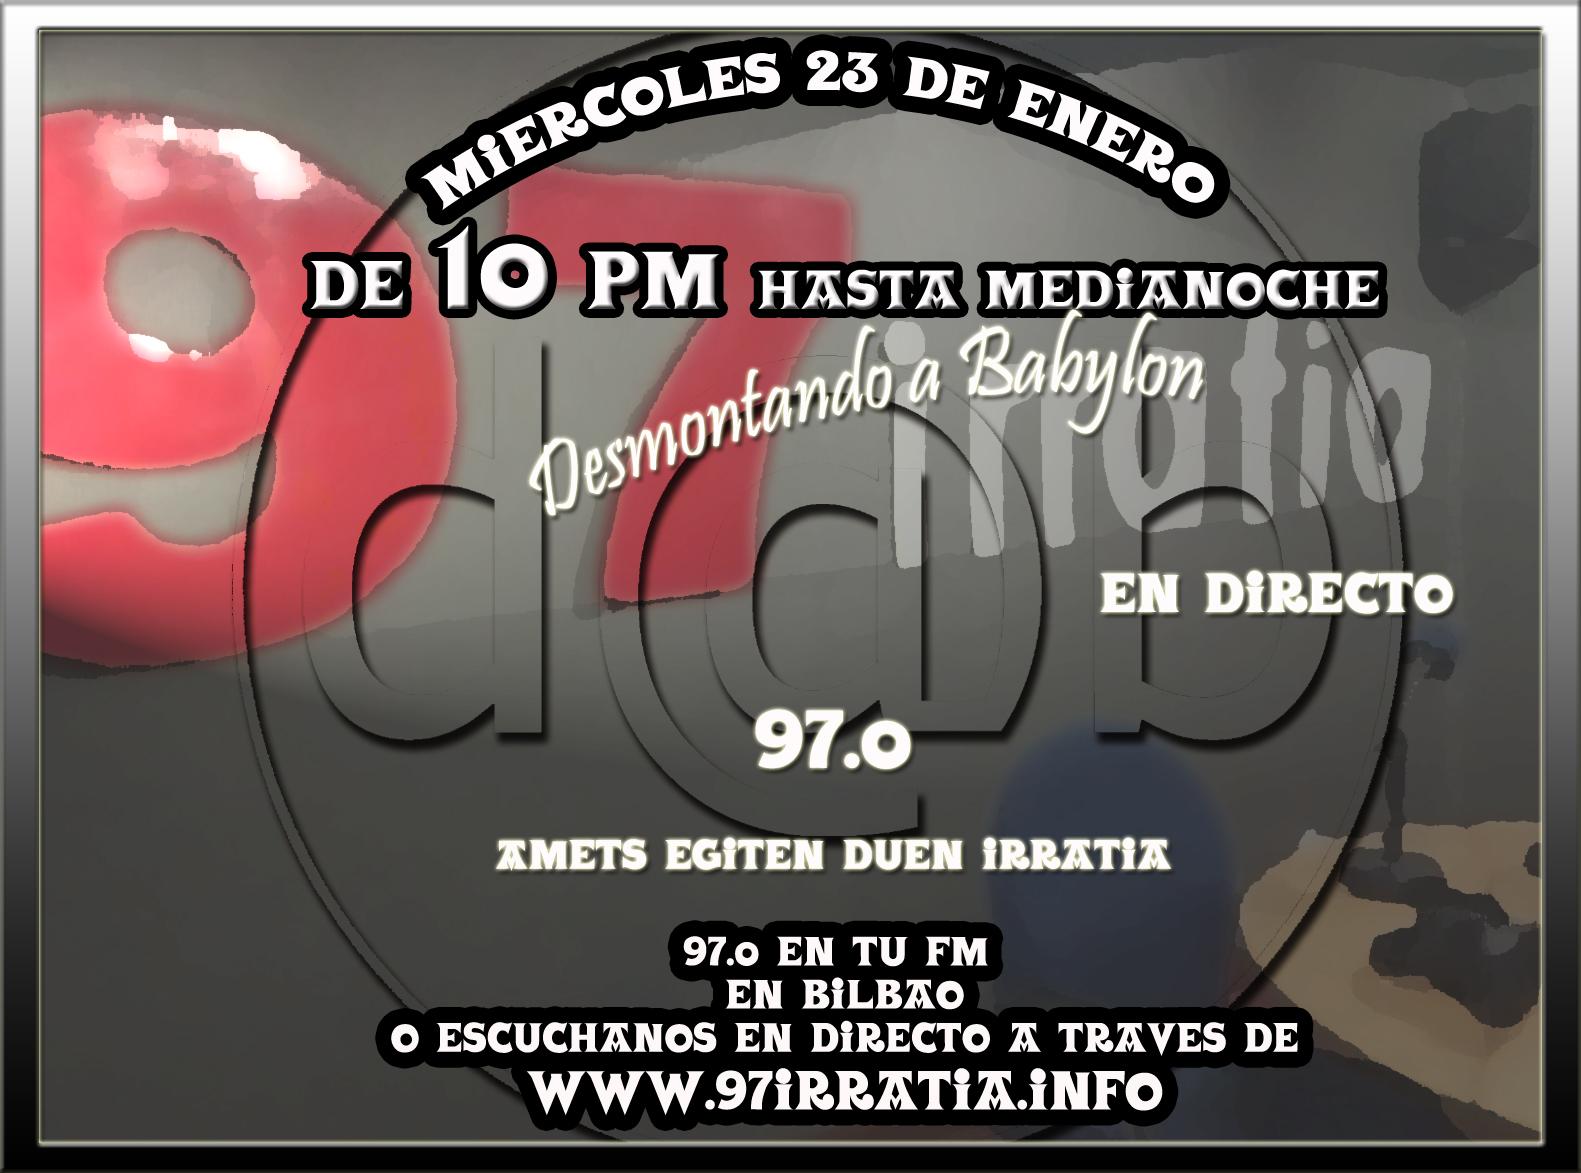 Desmontando a Babylon: DaB Radio 5.0 Episodio 3 – Vuelta al Directo desde 97.0 Irratia con un equipo de 10